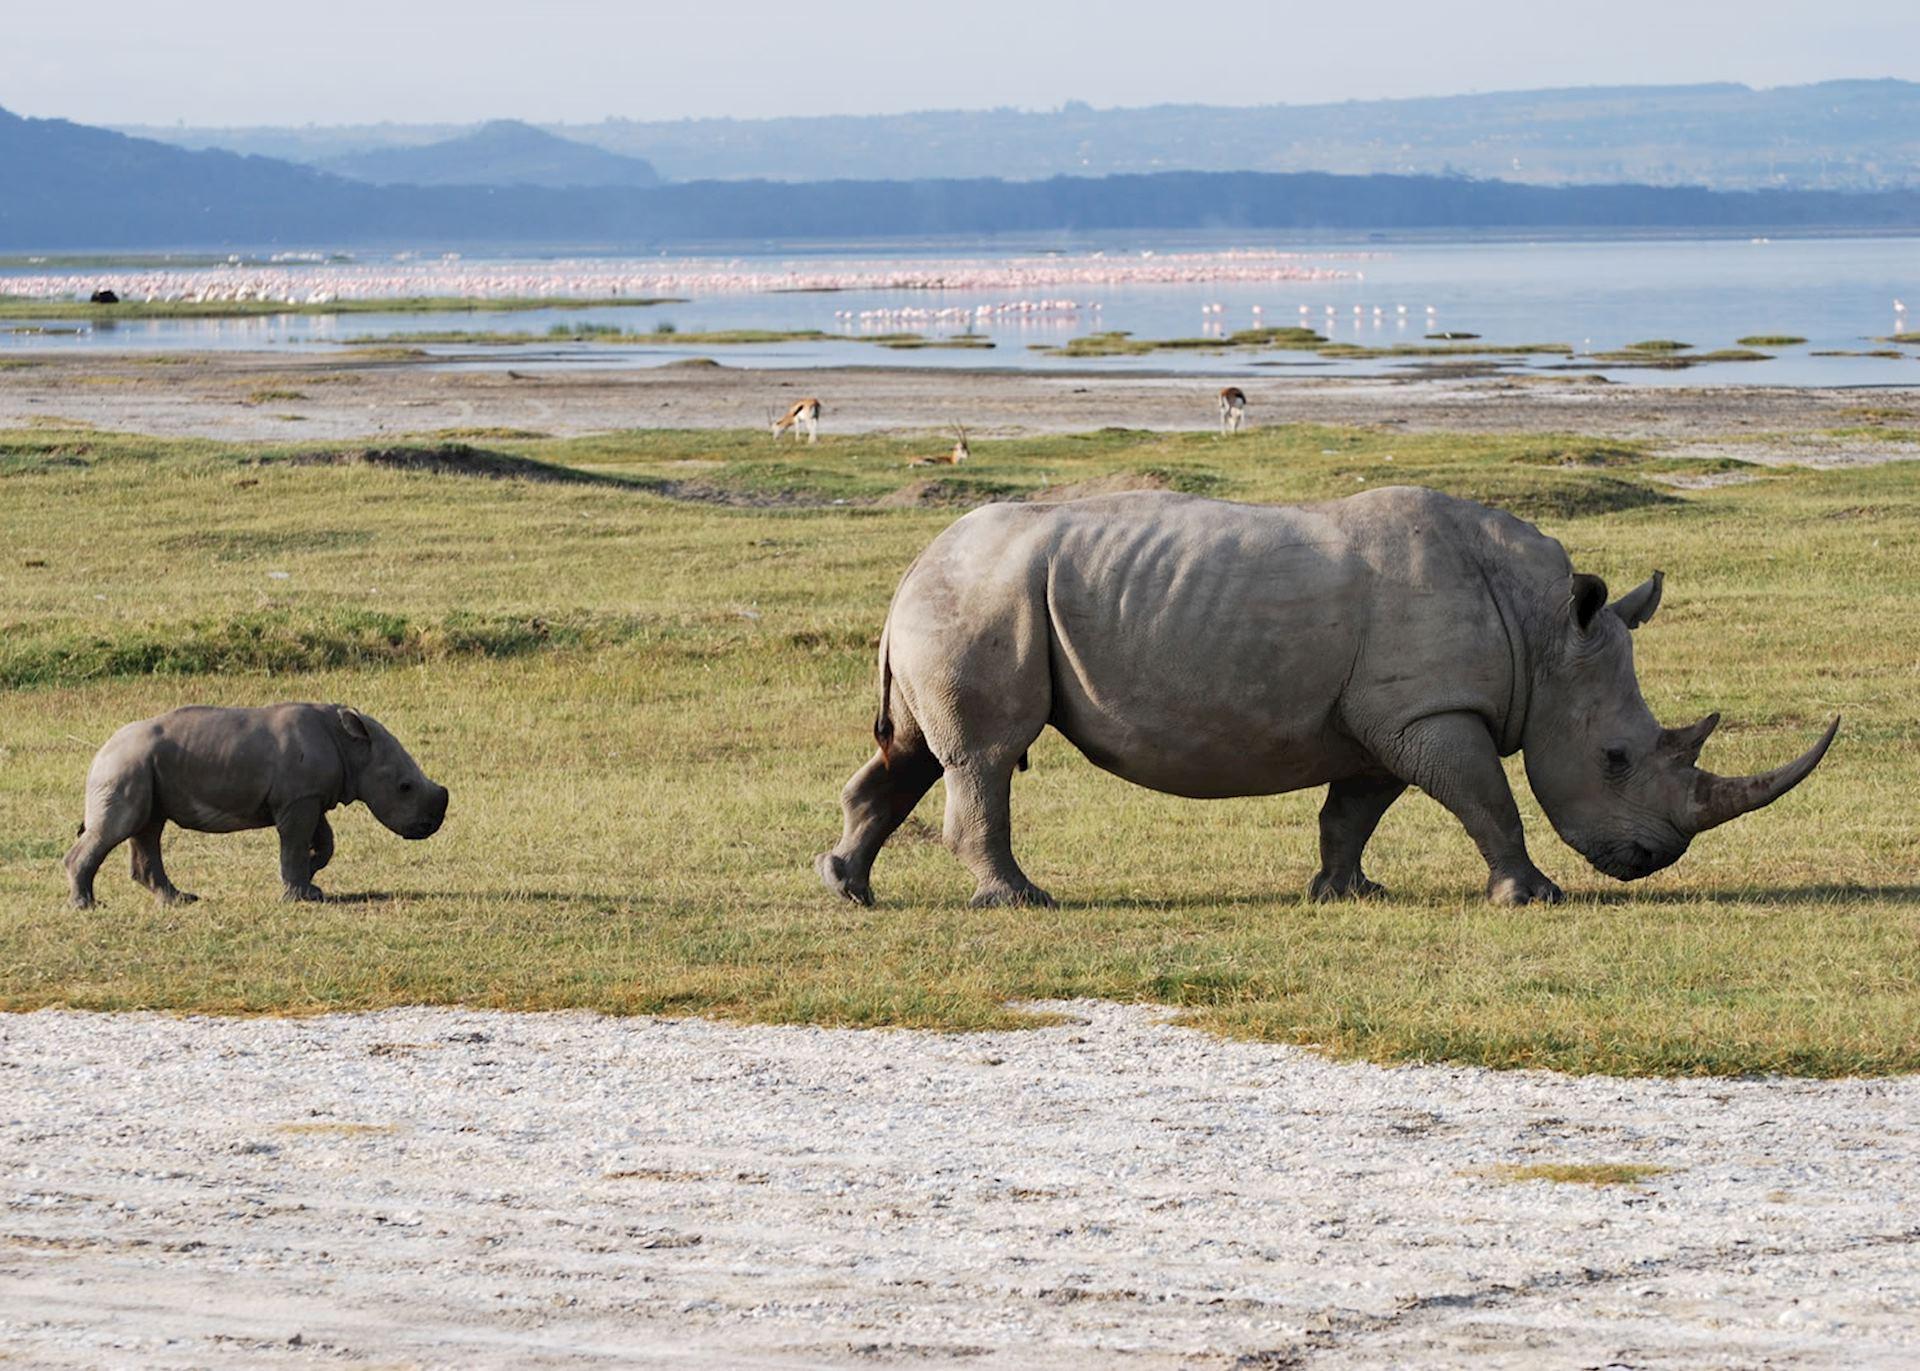 Rhino and her calf, Lake Nakuru